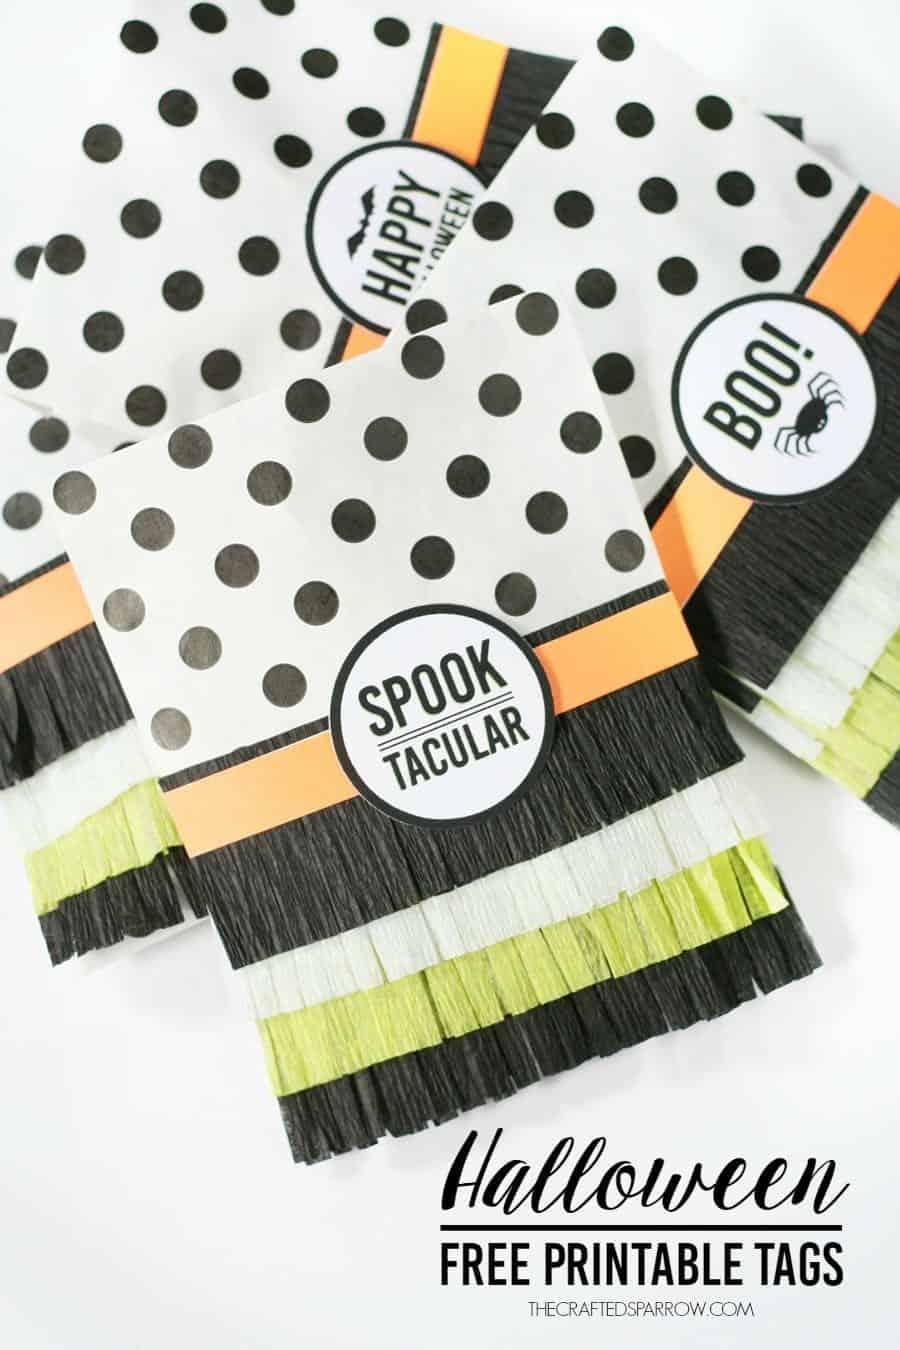 Halloween-Free-Printable-Tags